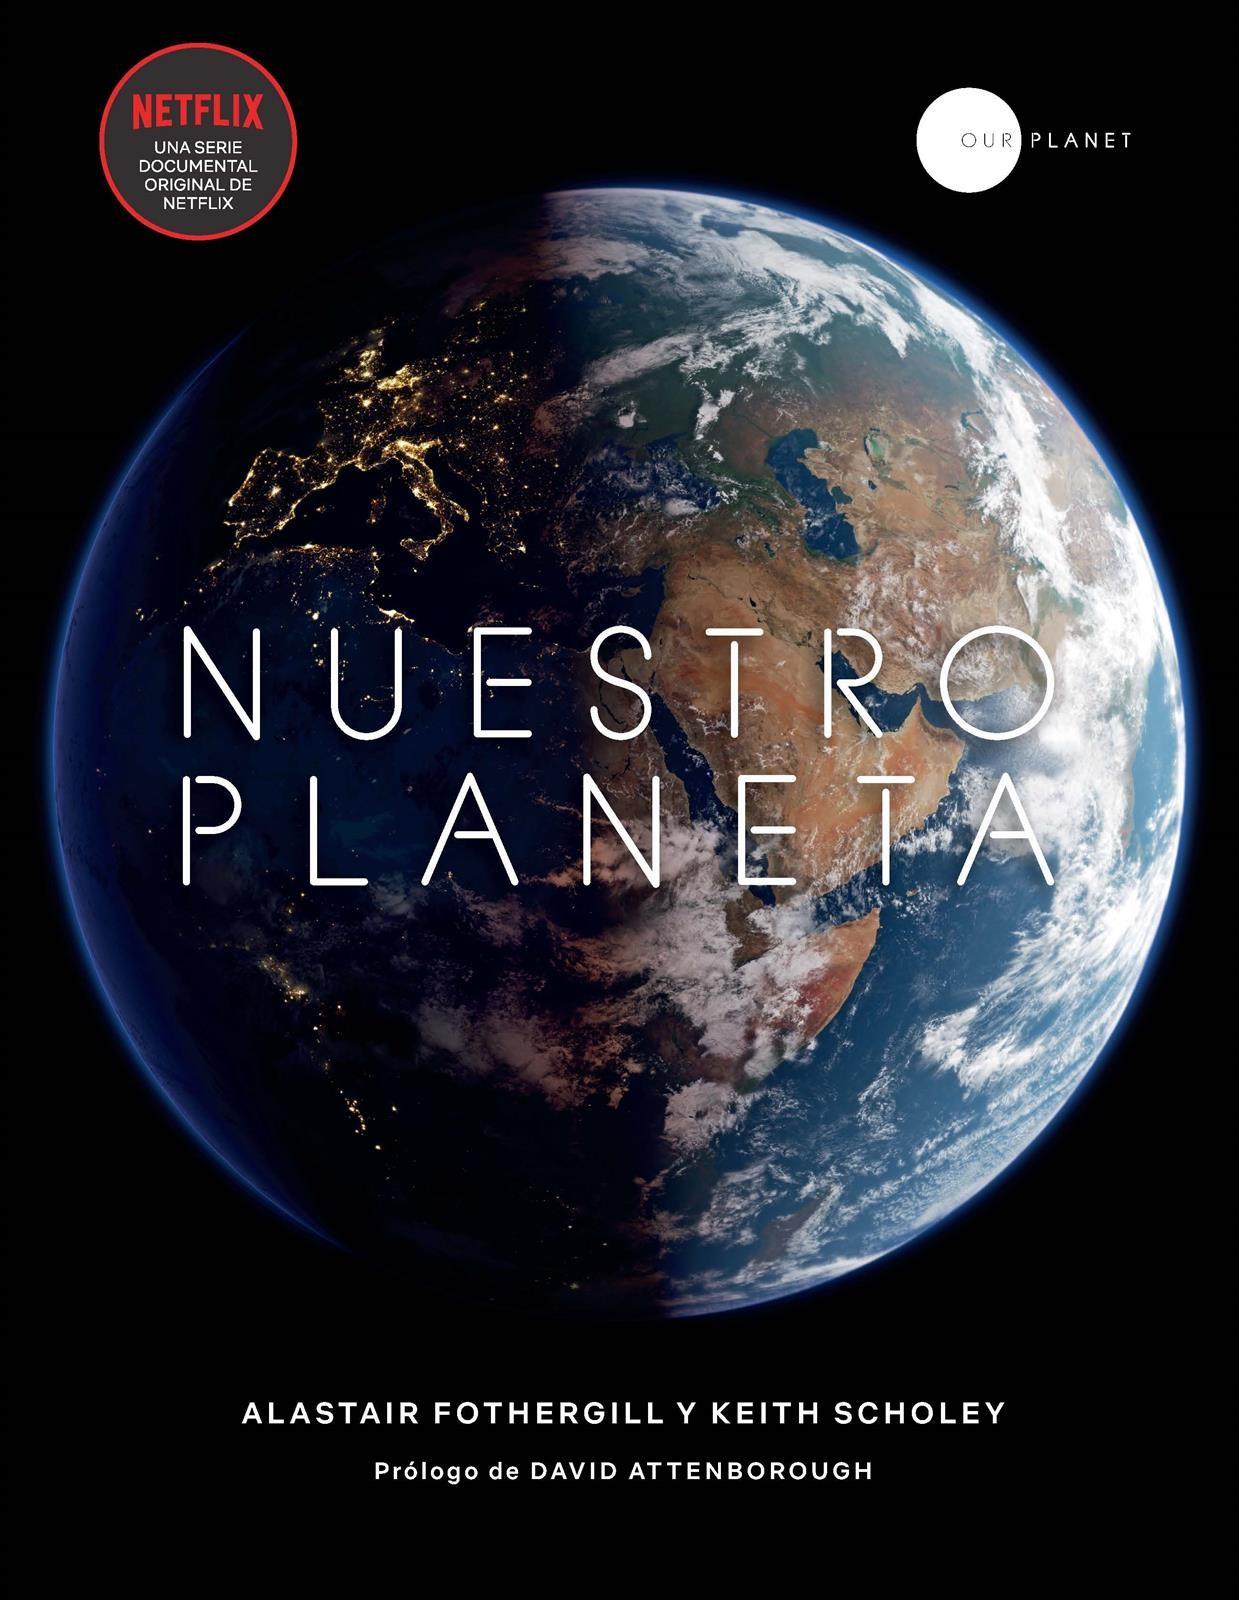 Análisis de Nuestro planeta